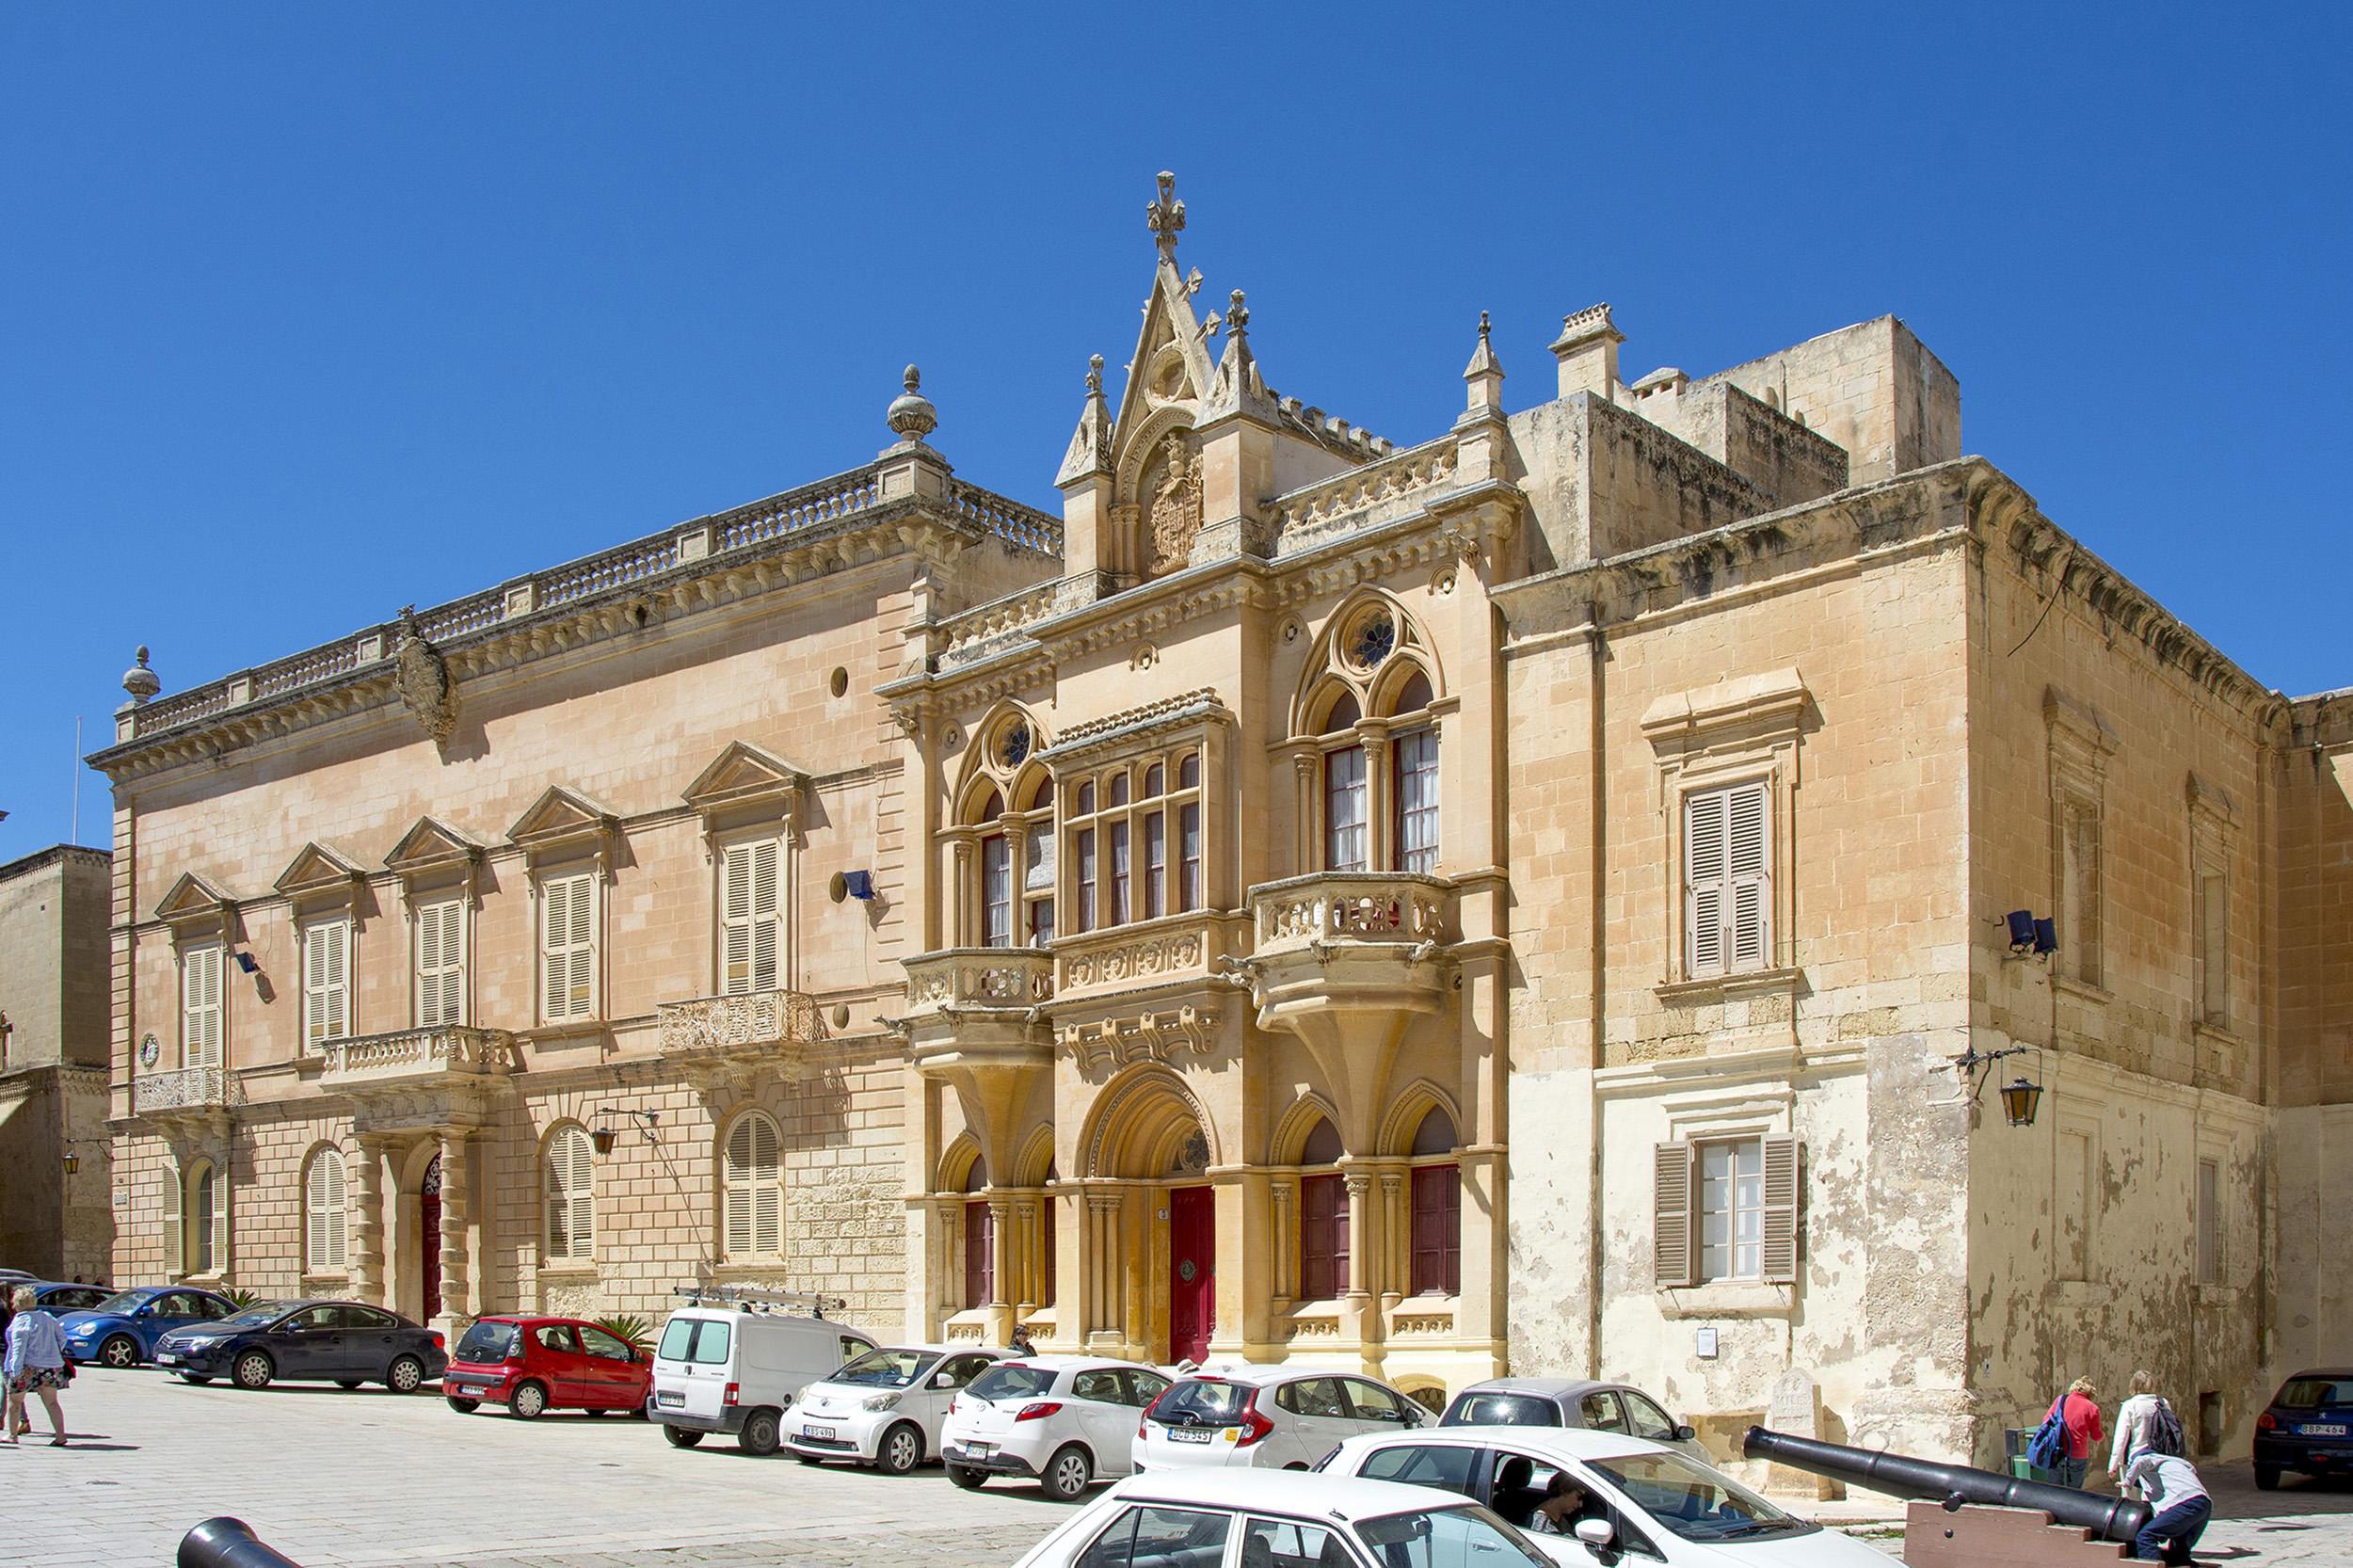 Vackert hus i Mdina på Malta